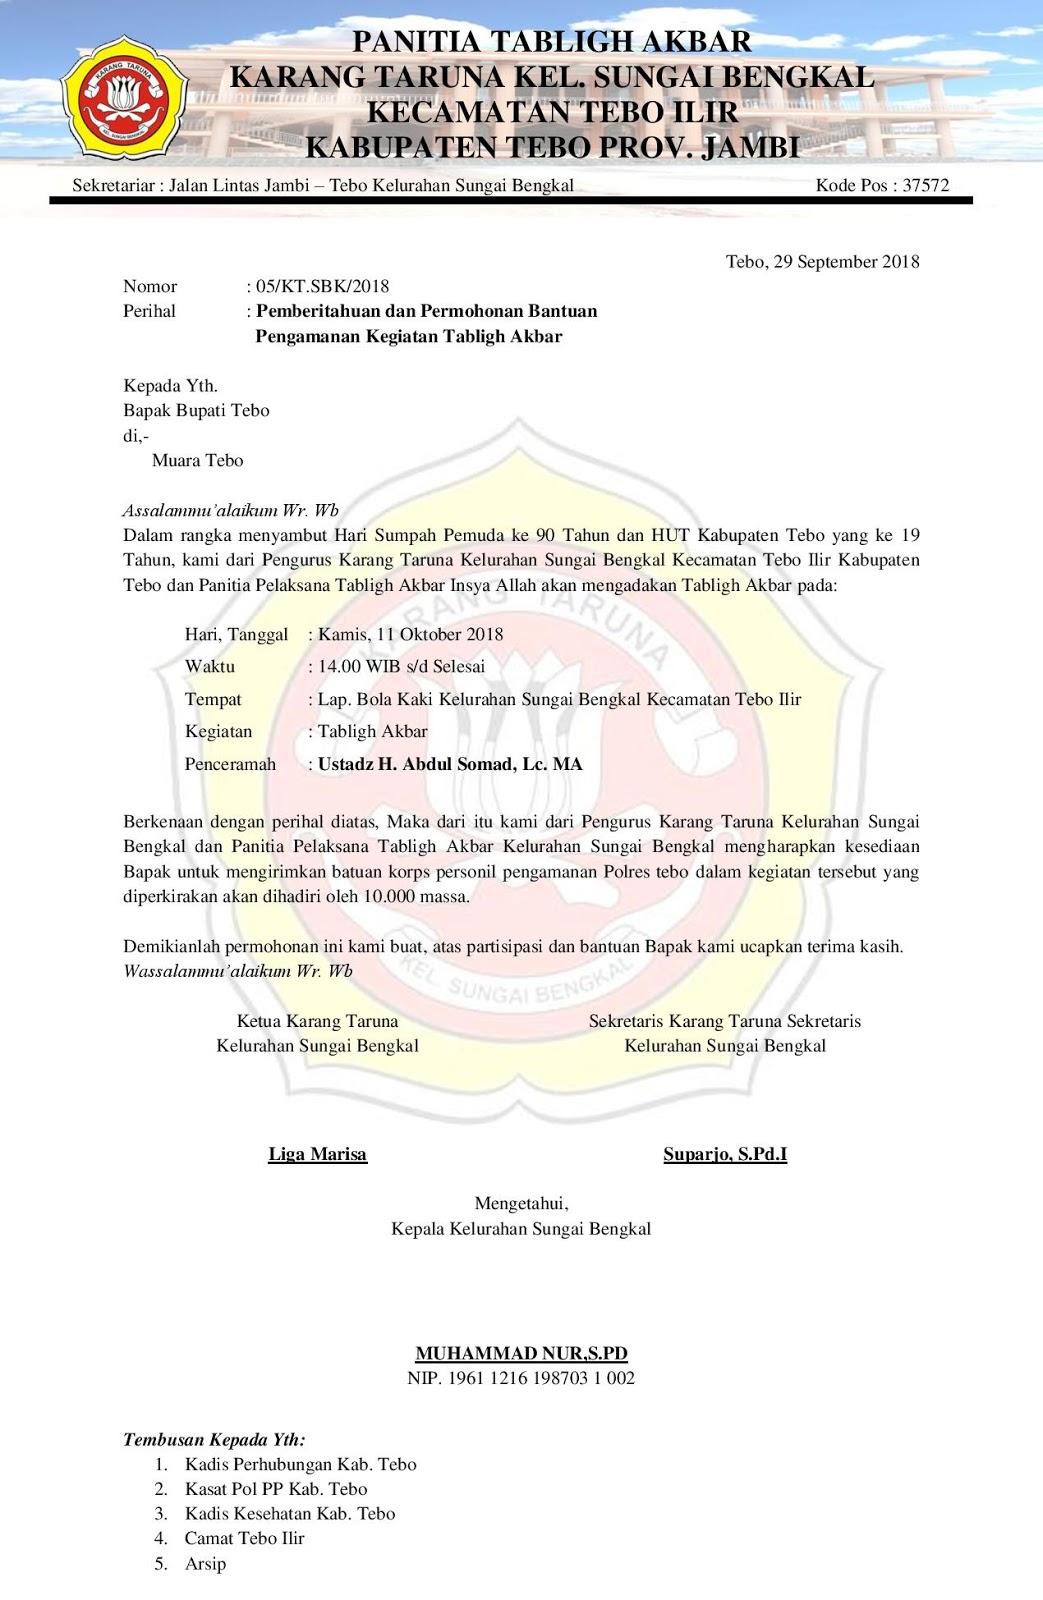 Contoh Surat Orton Contoh Surat Pemberitahuan Dan Permohonan